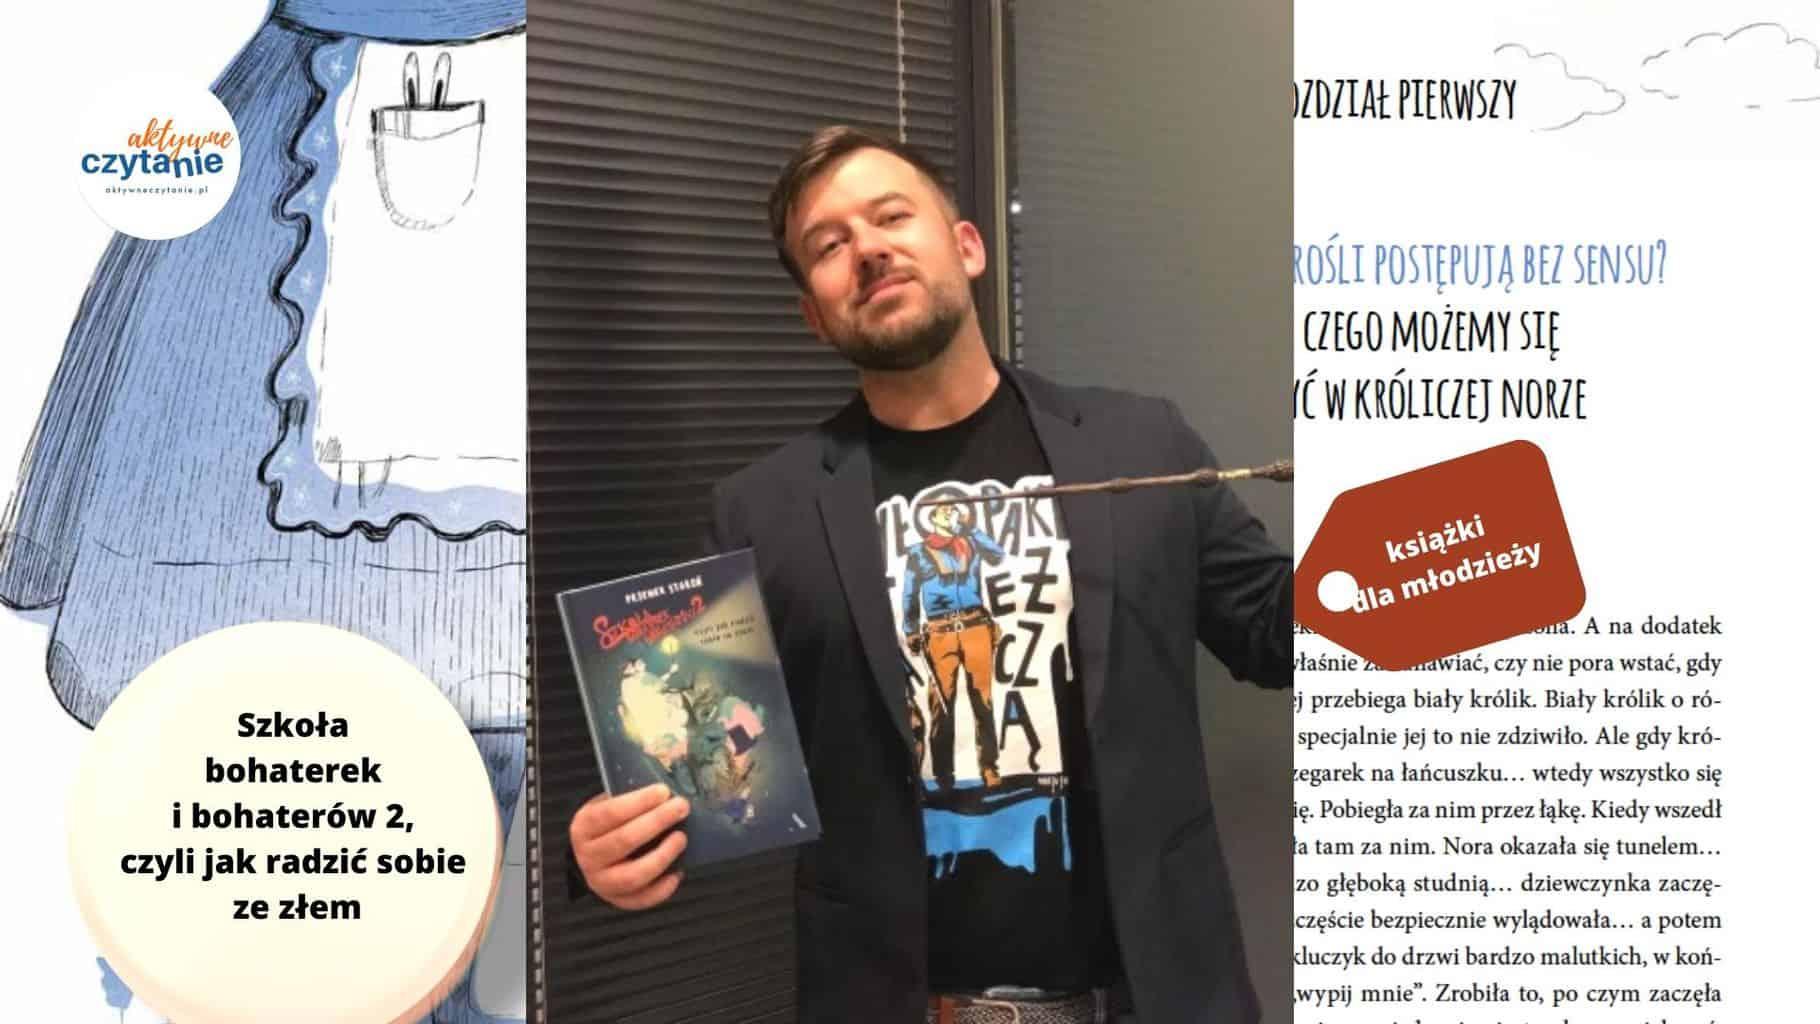 szkola bohaterek ibohaterow 2 czyli jak radzic sobie zezlem recenzja ksiazki dla dzieci imlodziezy1